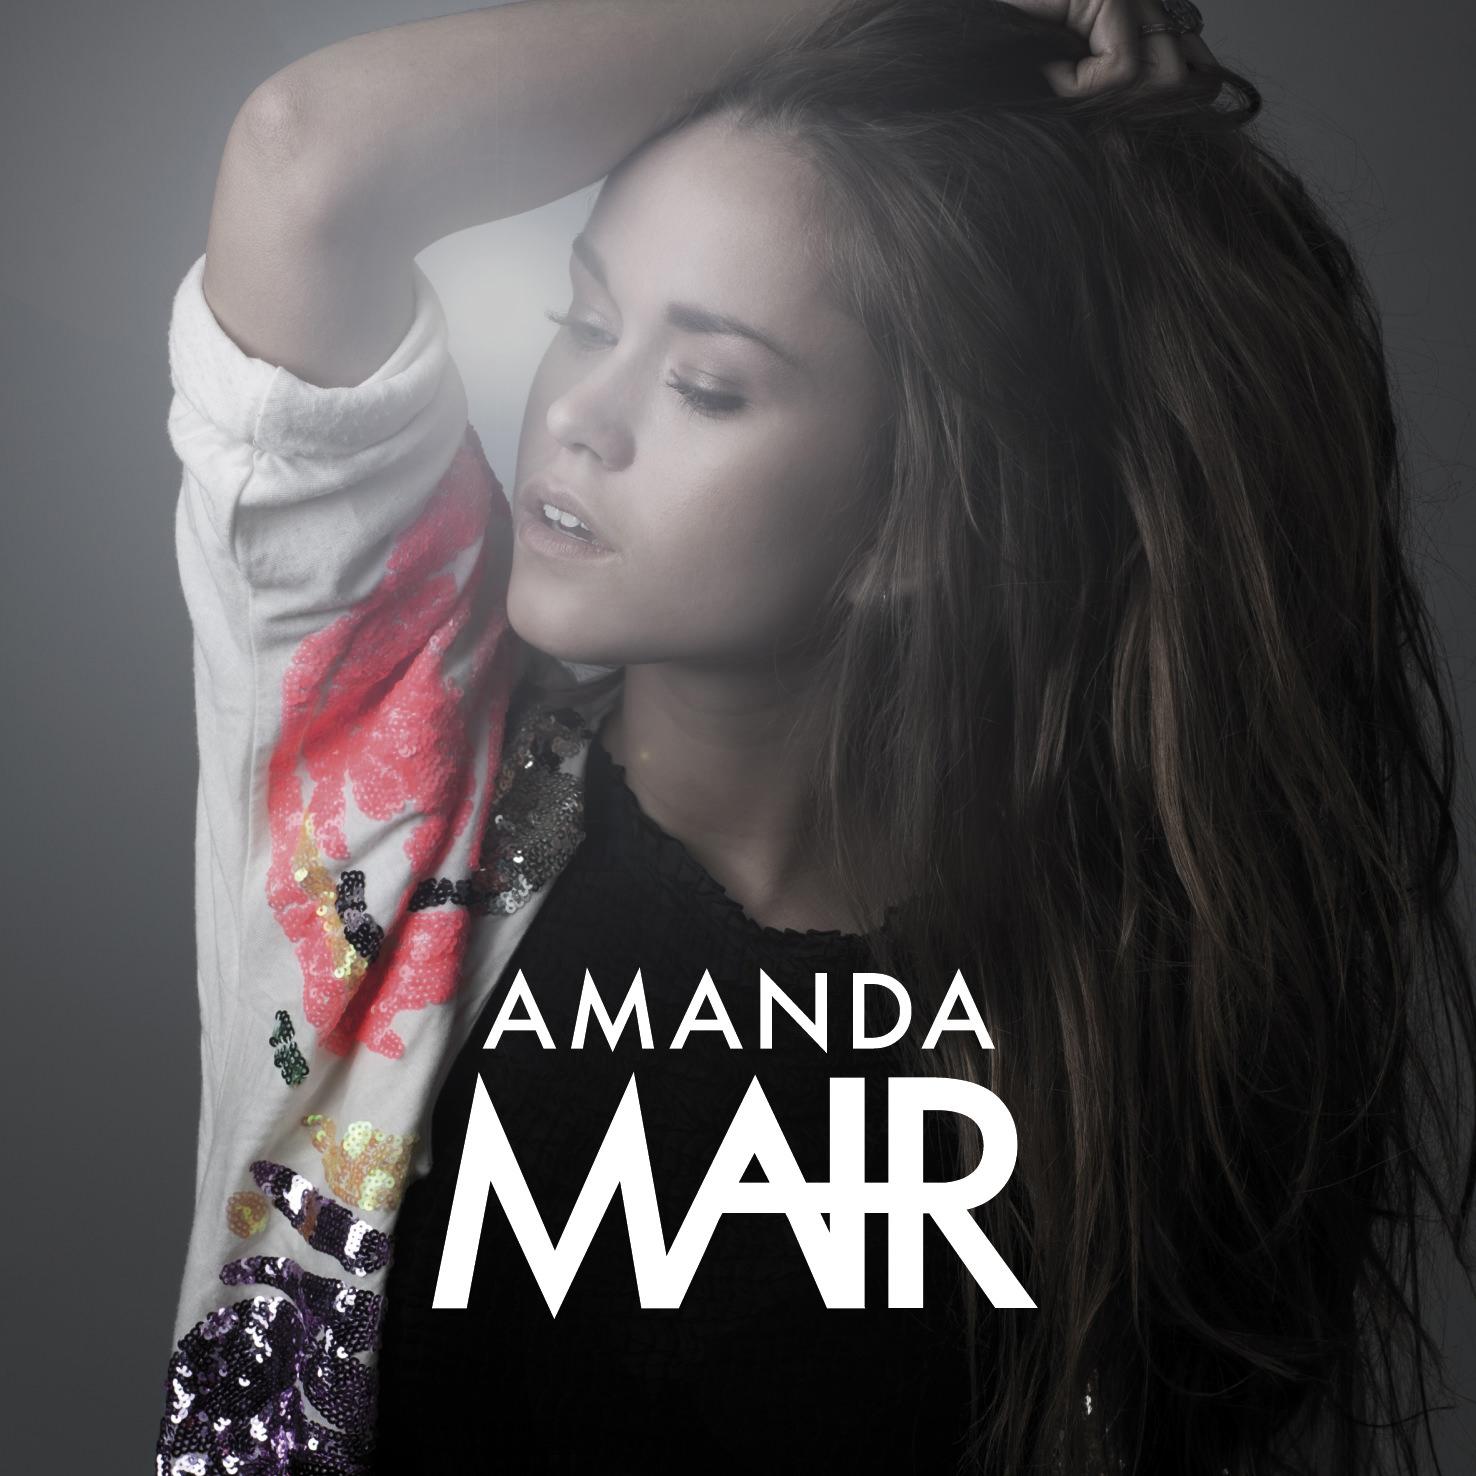 Amanda Mair, Amanda Mair